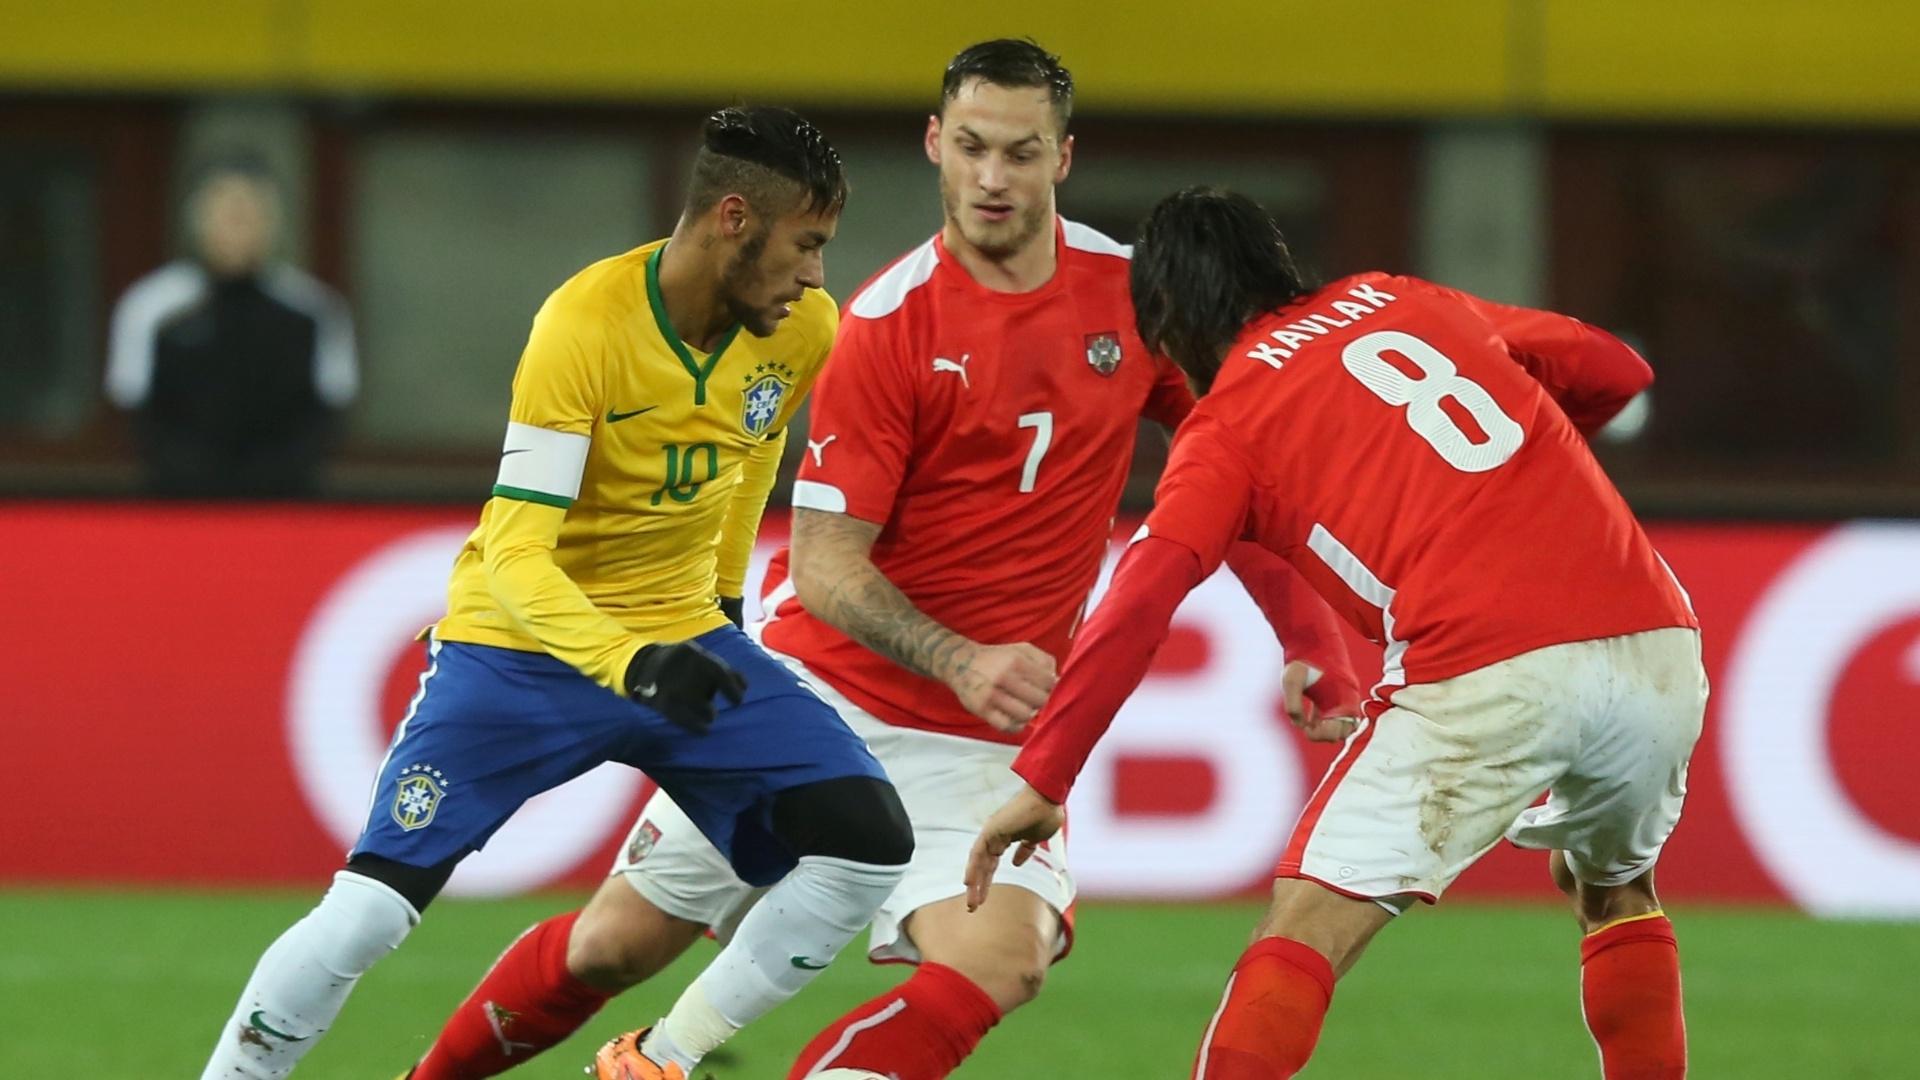 Neymar tenta passar pela marcação dupla de austríacos durante amistoso do Brasil